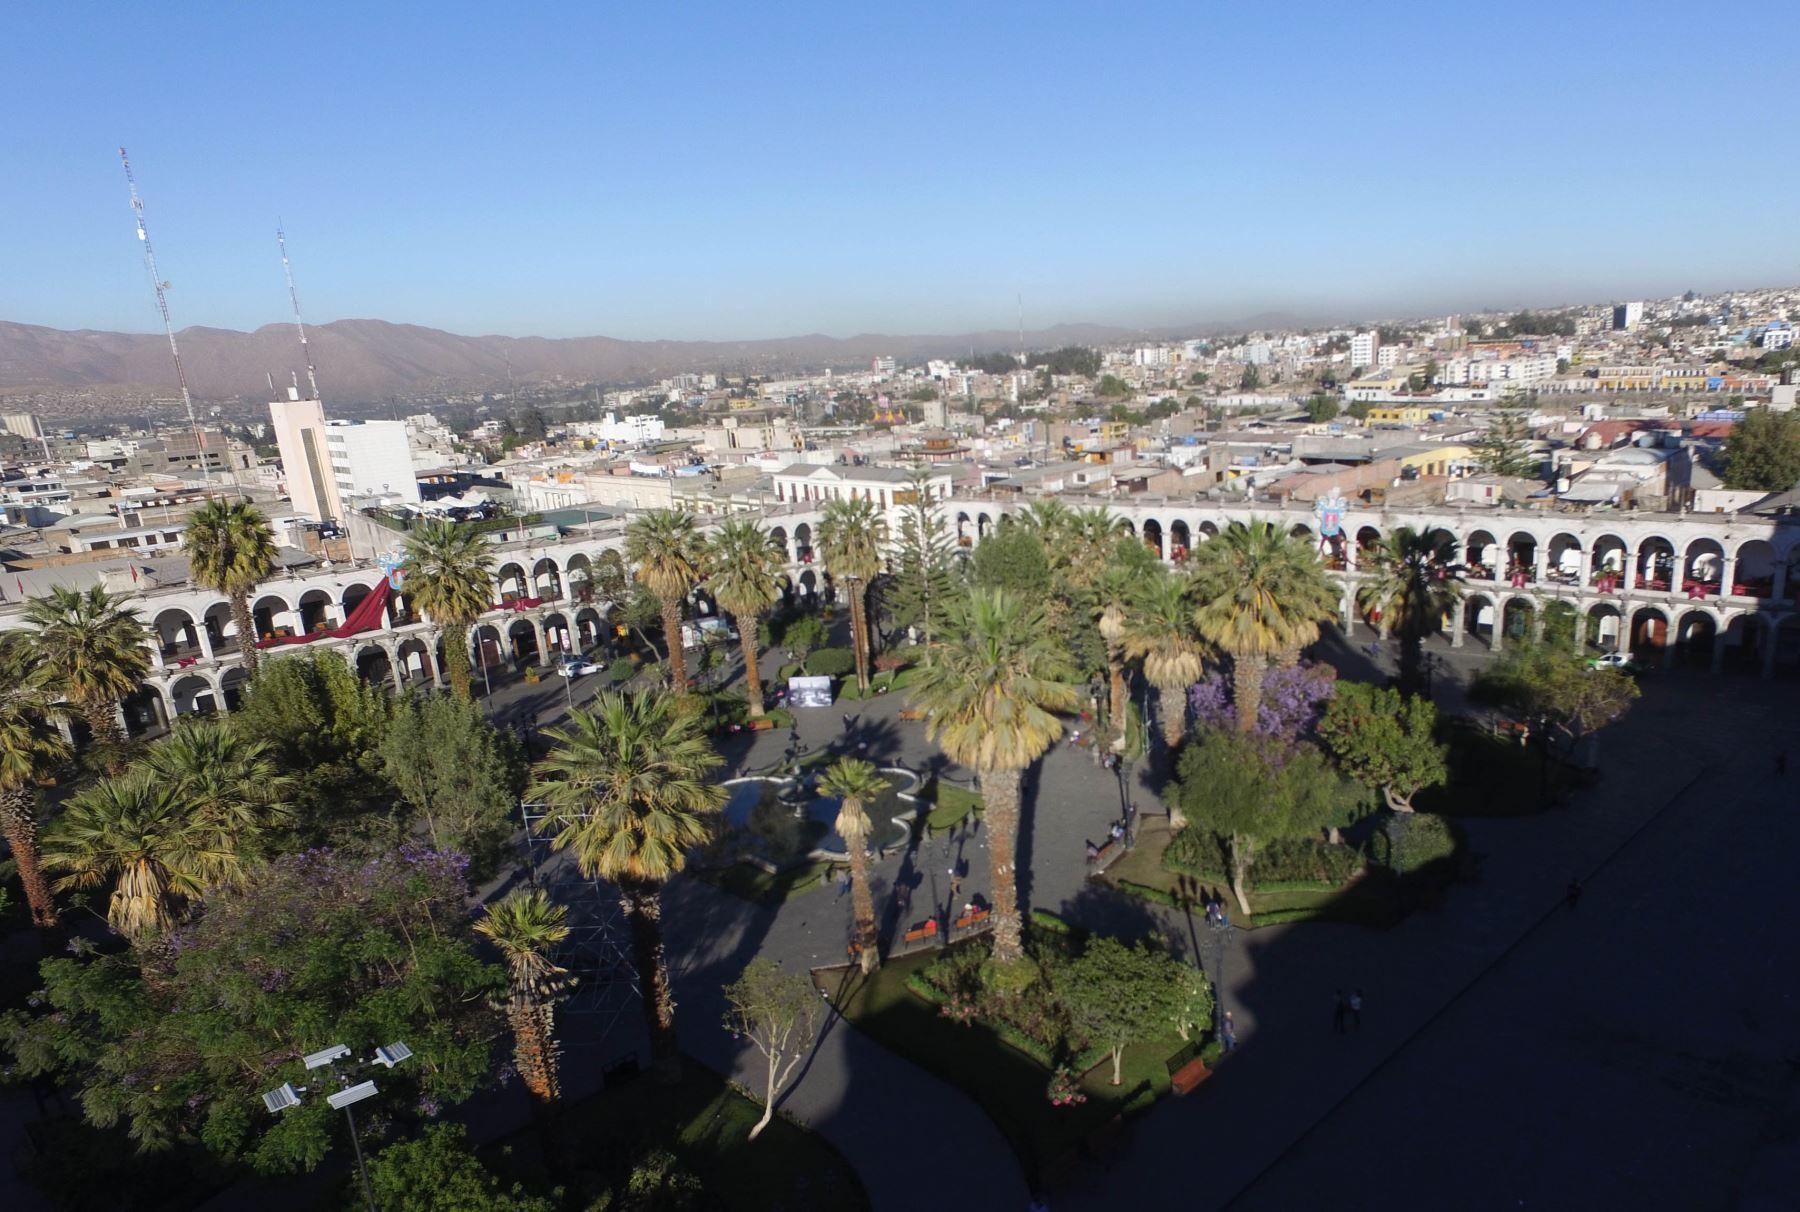 La temperatura en la ciudad de Arequipa descenderá a 4 grados Celcius, pronosticó el Senamhi. Foto: ANDINA/Difusión